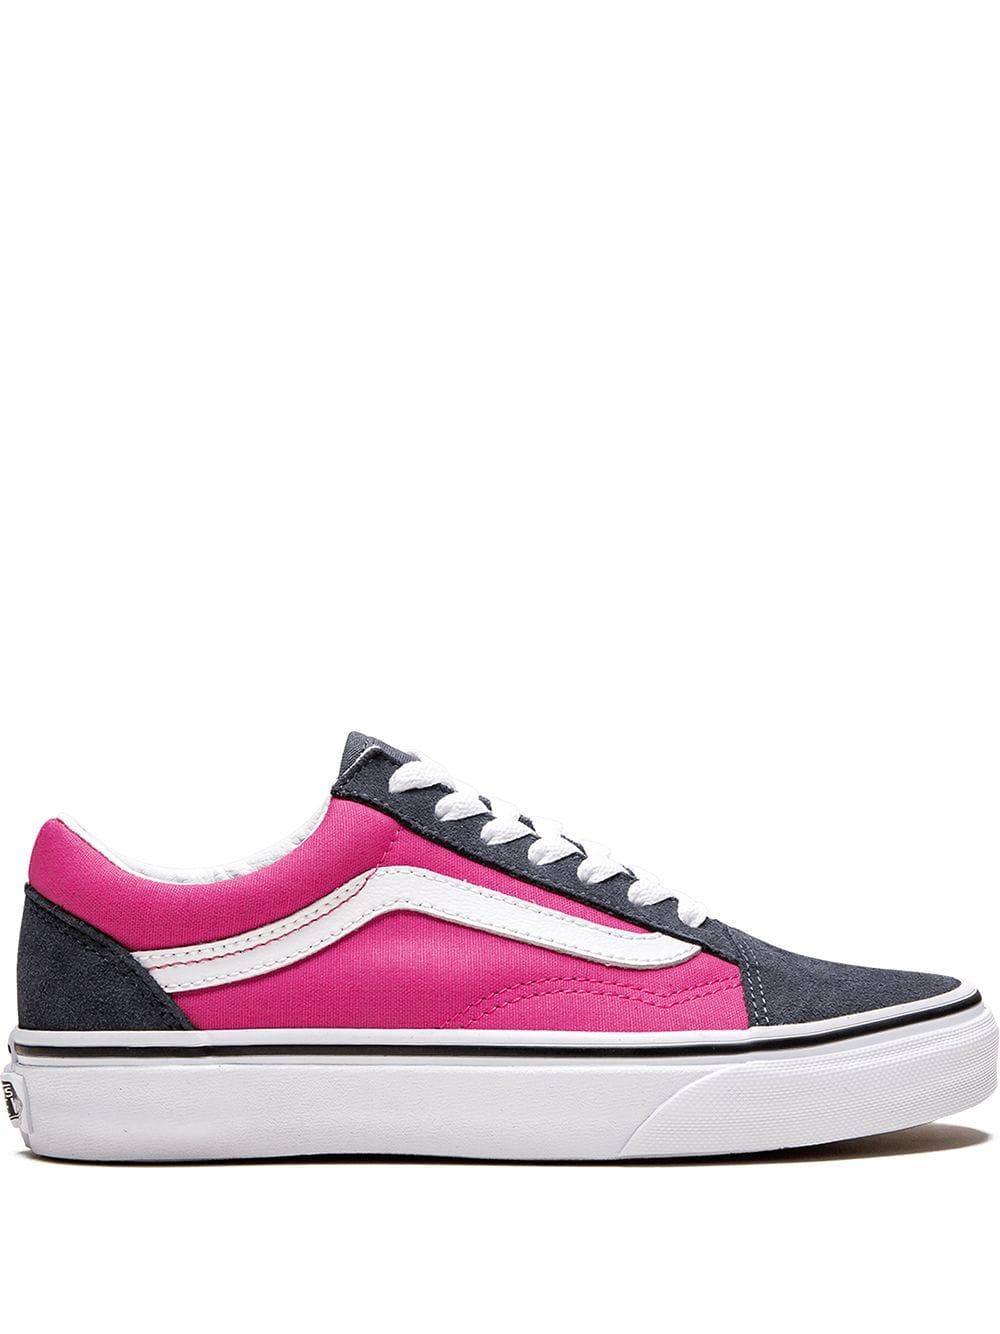 Vans old skool, Vans old skool sneaker